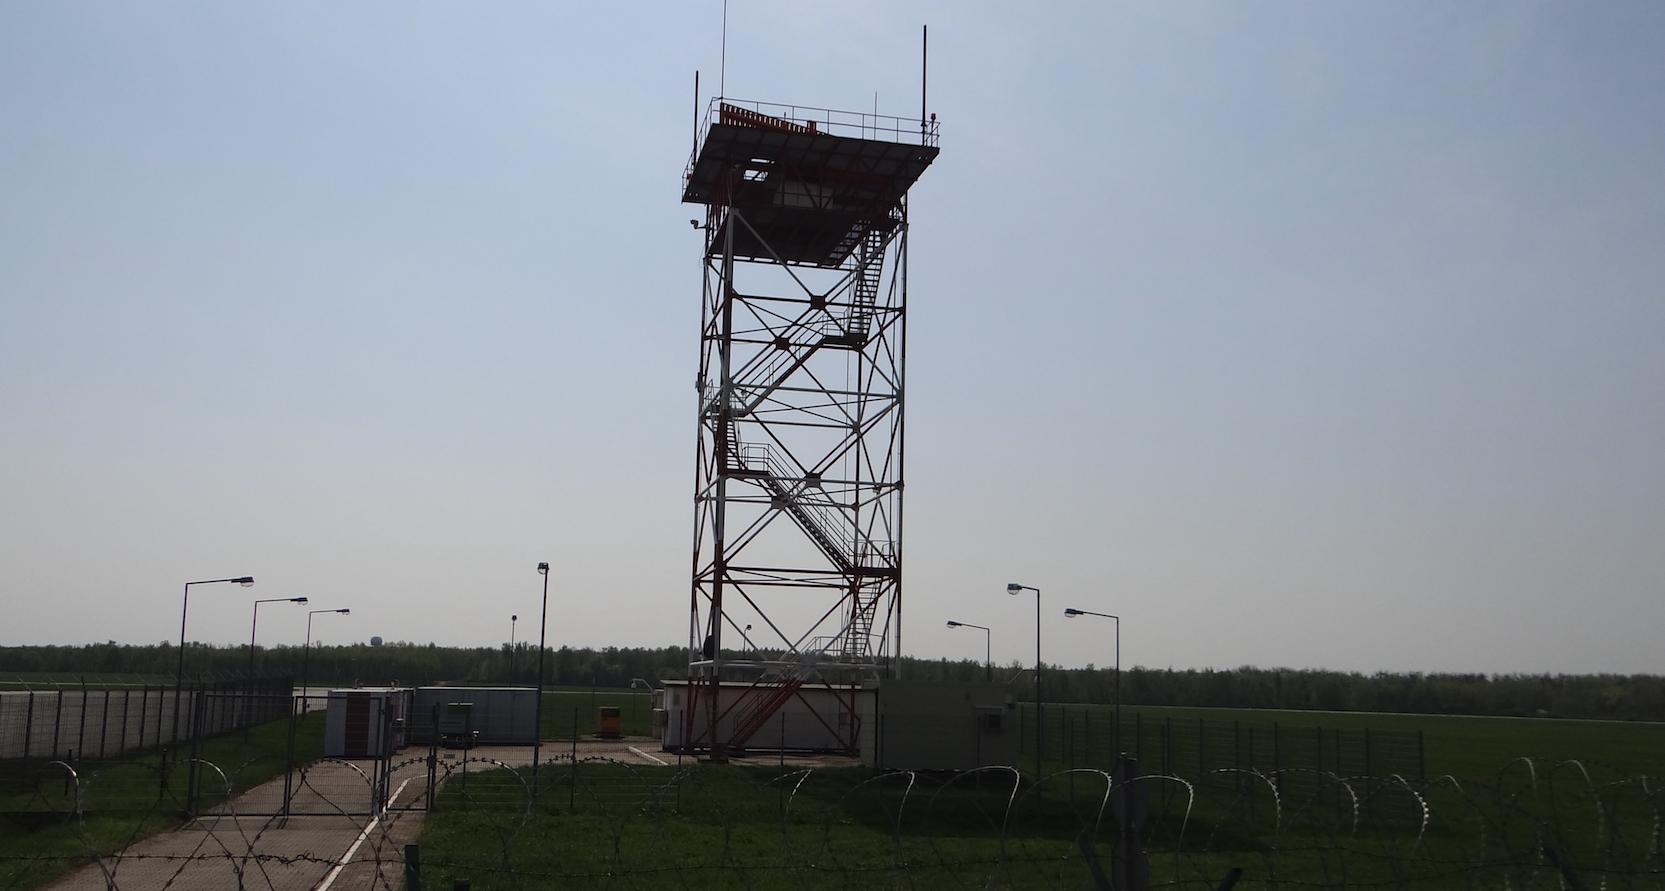 Lotnisko Strachowice. Stacja radiolokacyjna, radar wtórny. 2018 rok. Zdjęcie Karol Placha Hetman